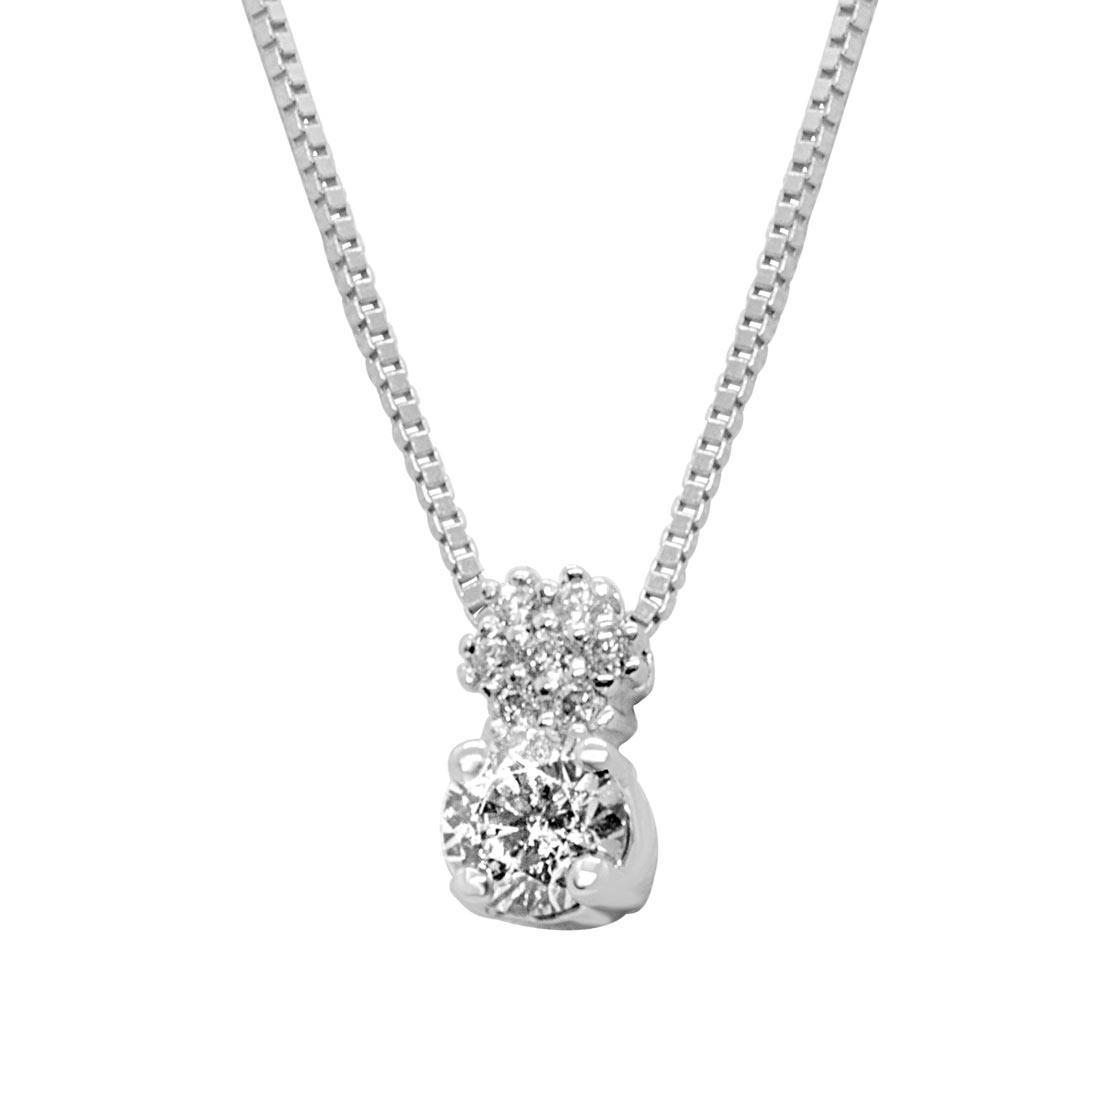 Collier in oro bianco con diamanti 0,23 ct - ALFIERI ST JOHN